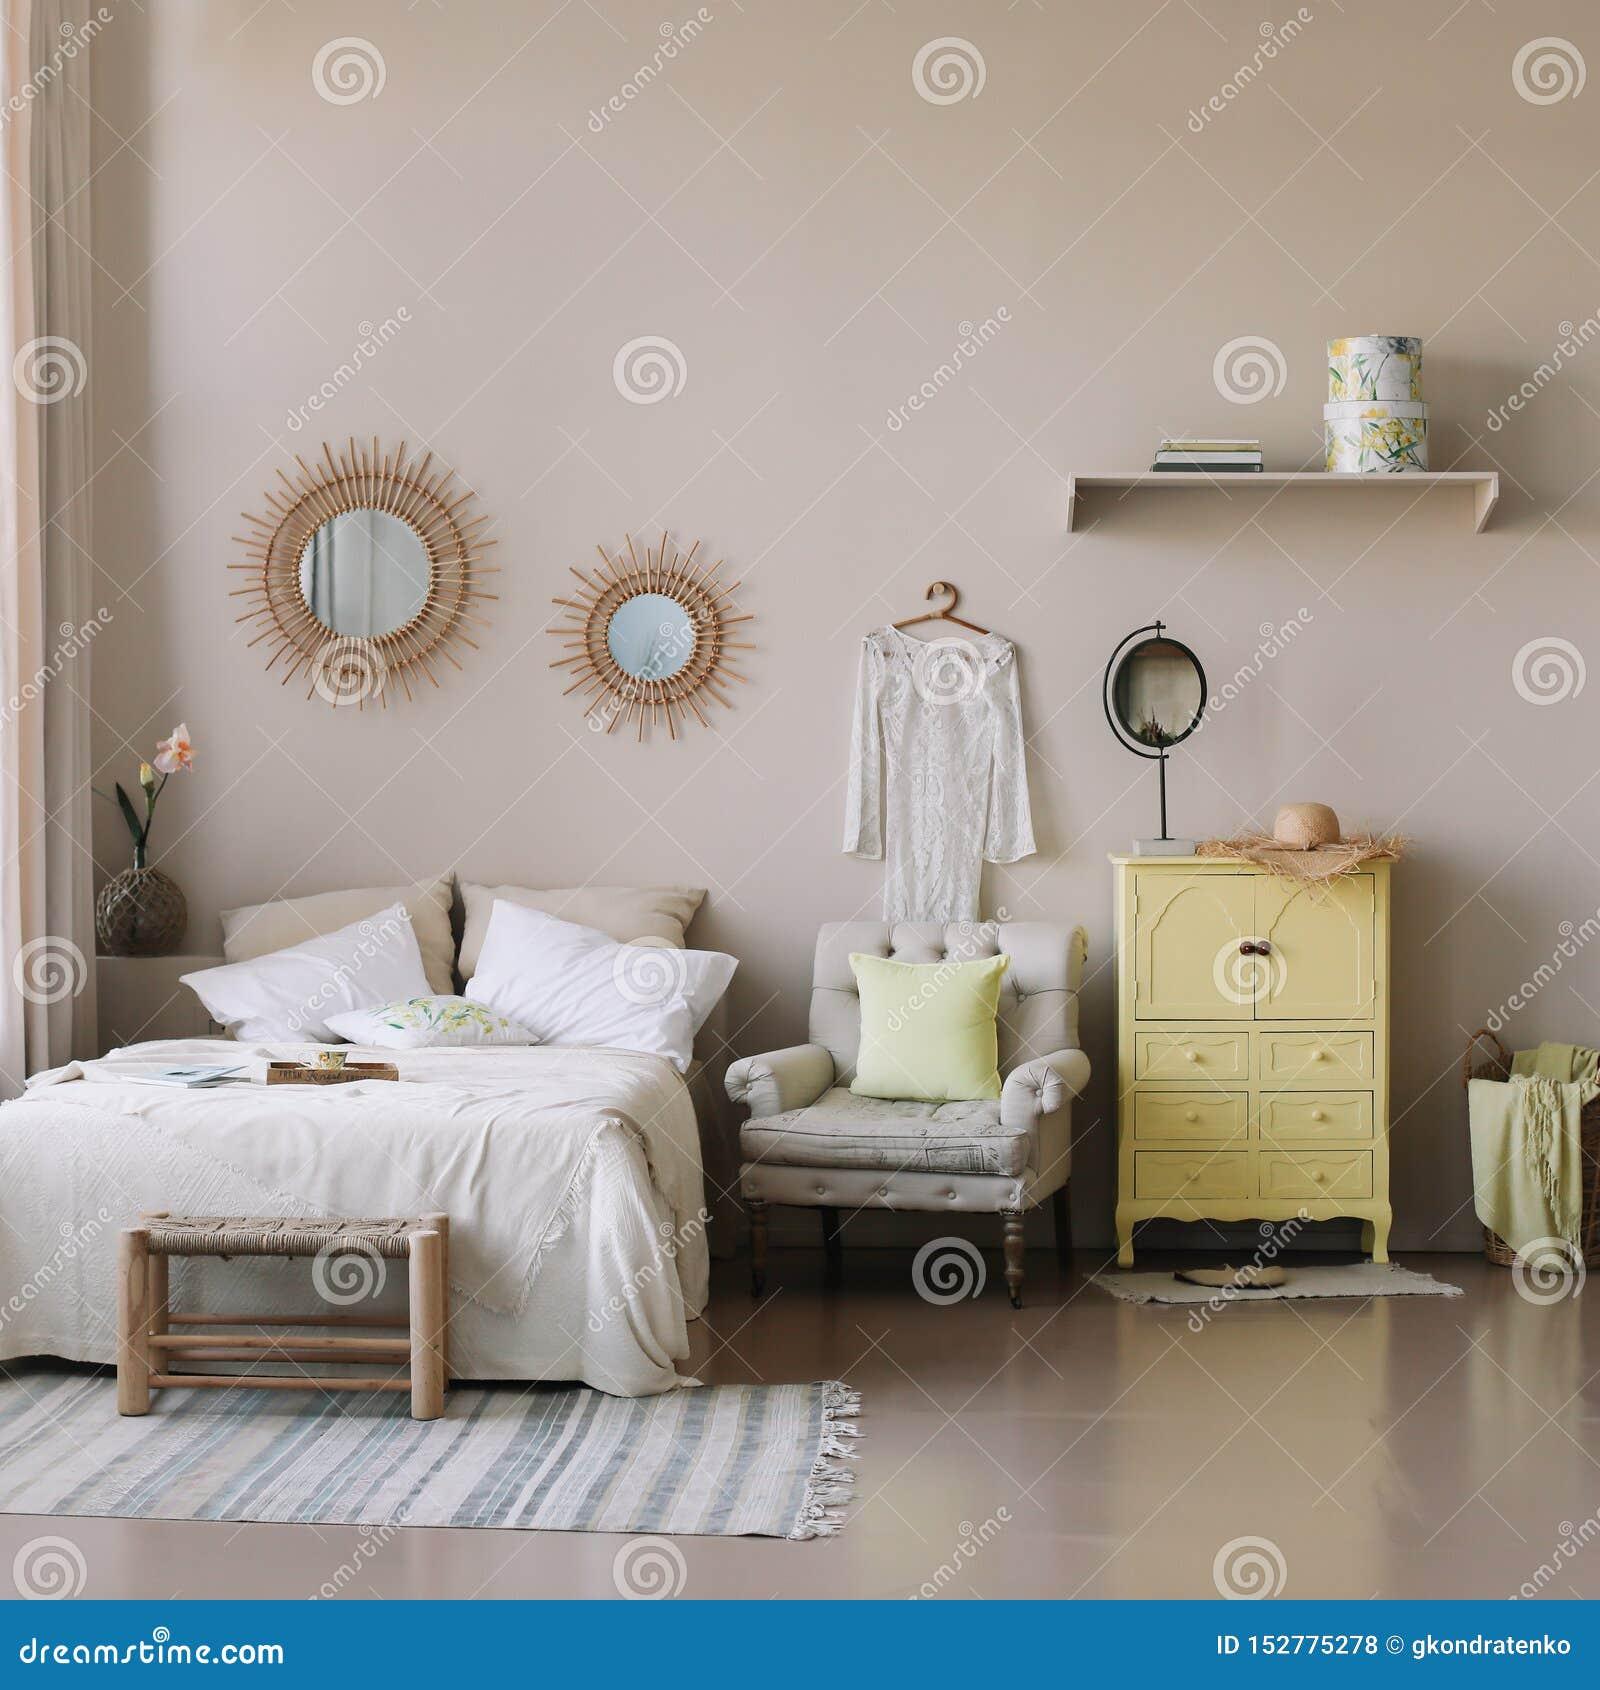 Decorazioni Camera Da Letto interno accogliente moderno scandinavo ampio letto con i